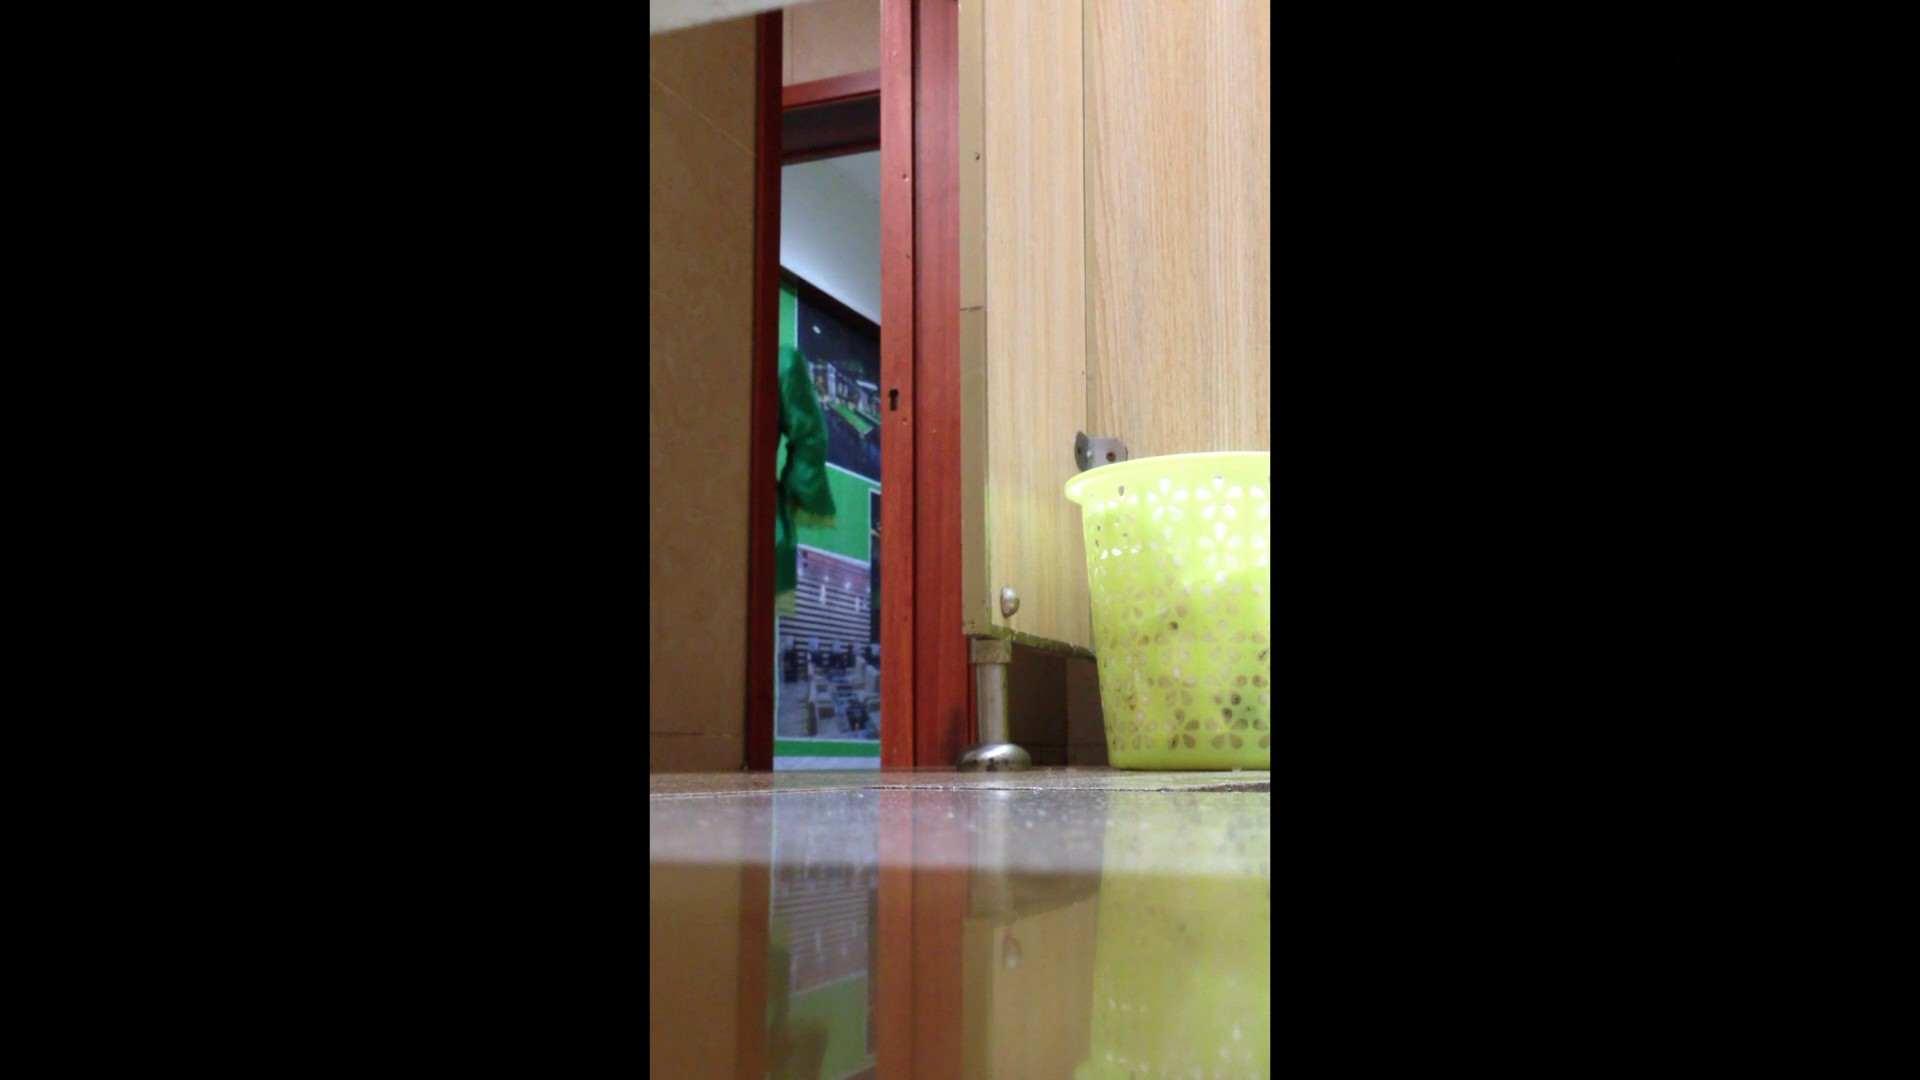 芸術大学ガチ潜入盗撮 JD盗撮 美女の洗面所の秘密 Vol.87 高画質 SEX無修正画像 110枚 103